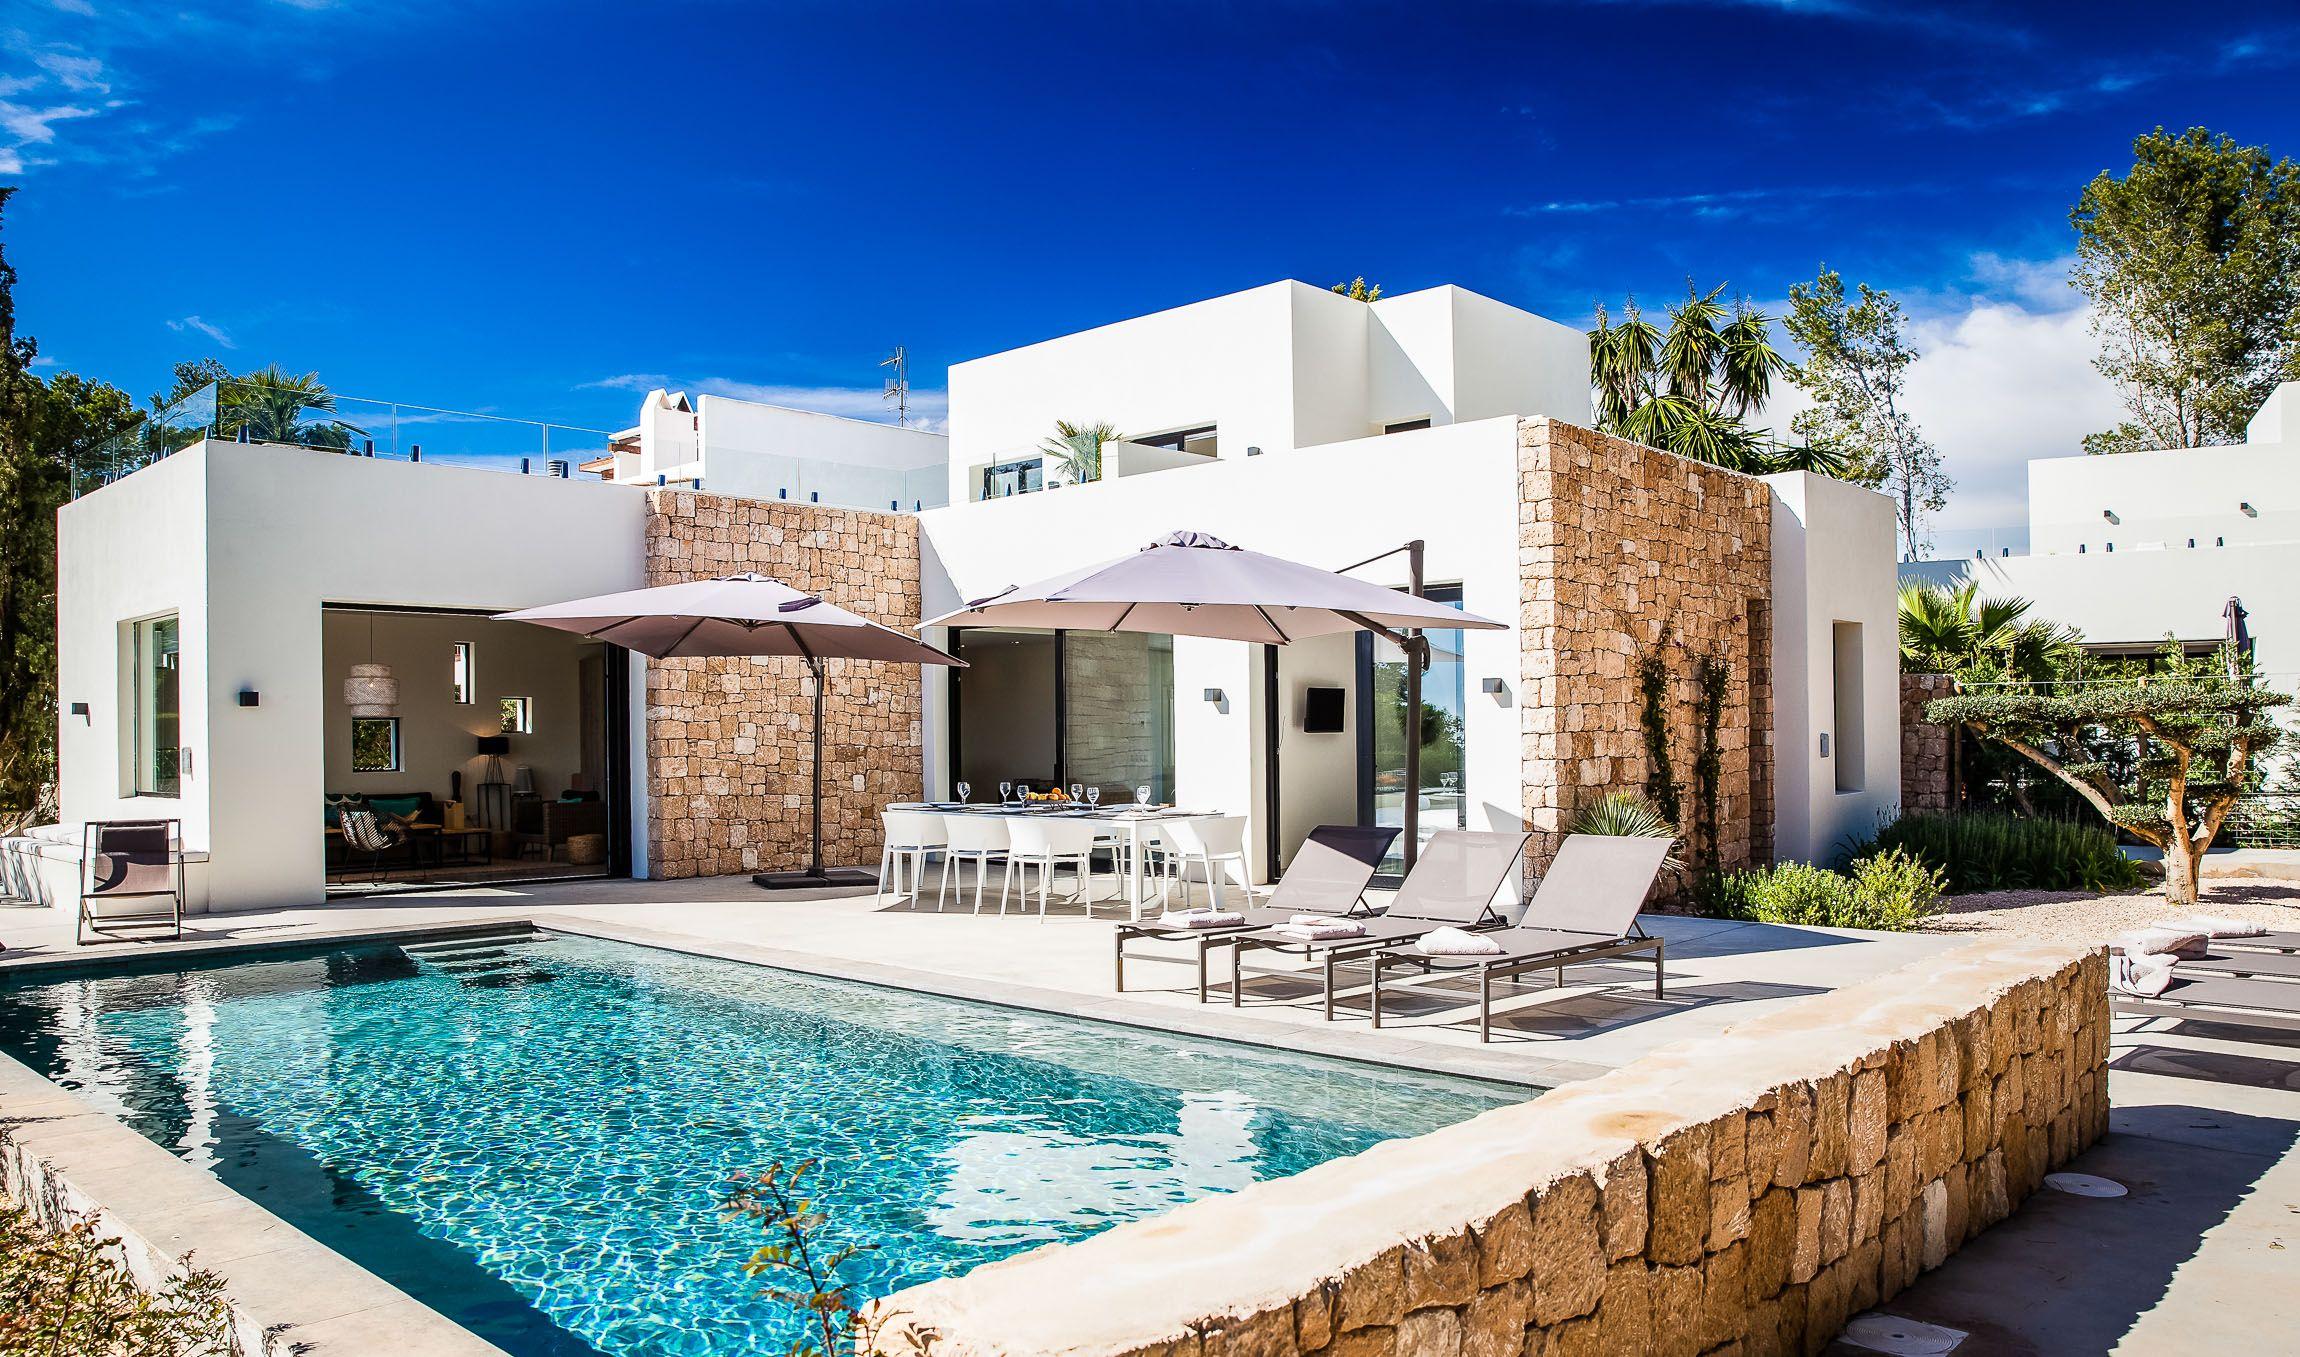 Bildresultat För Ibiza Home Villa Swimming Pools Luxury Retreats